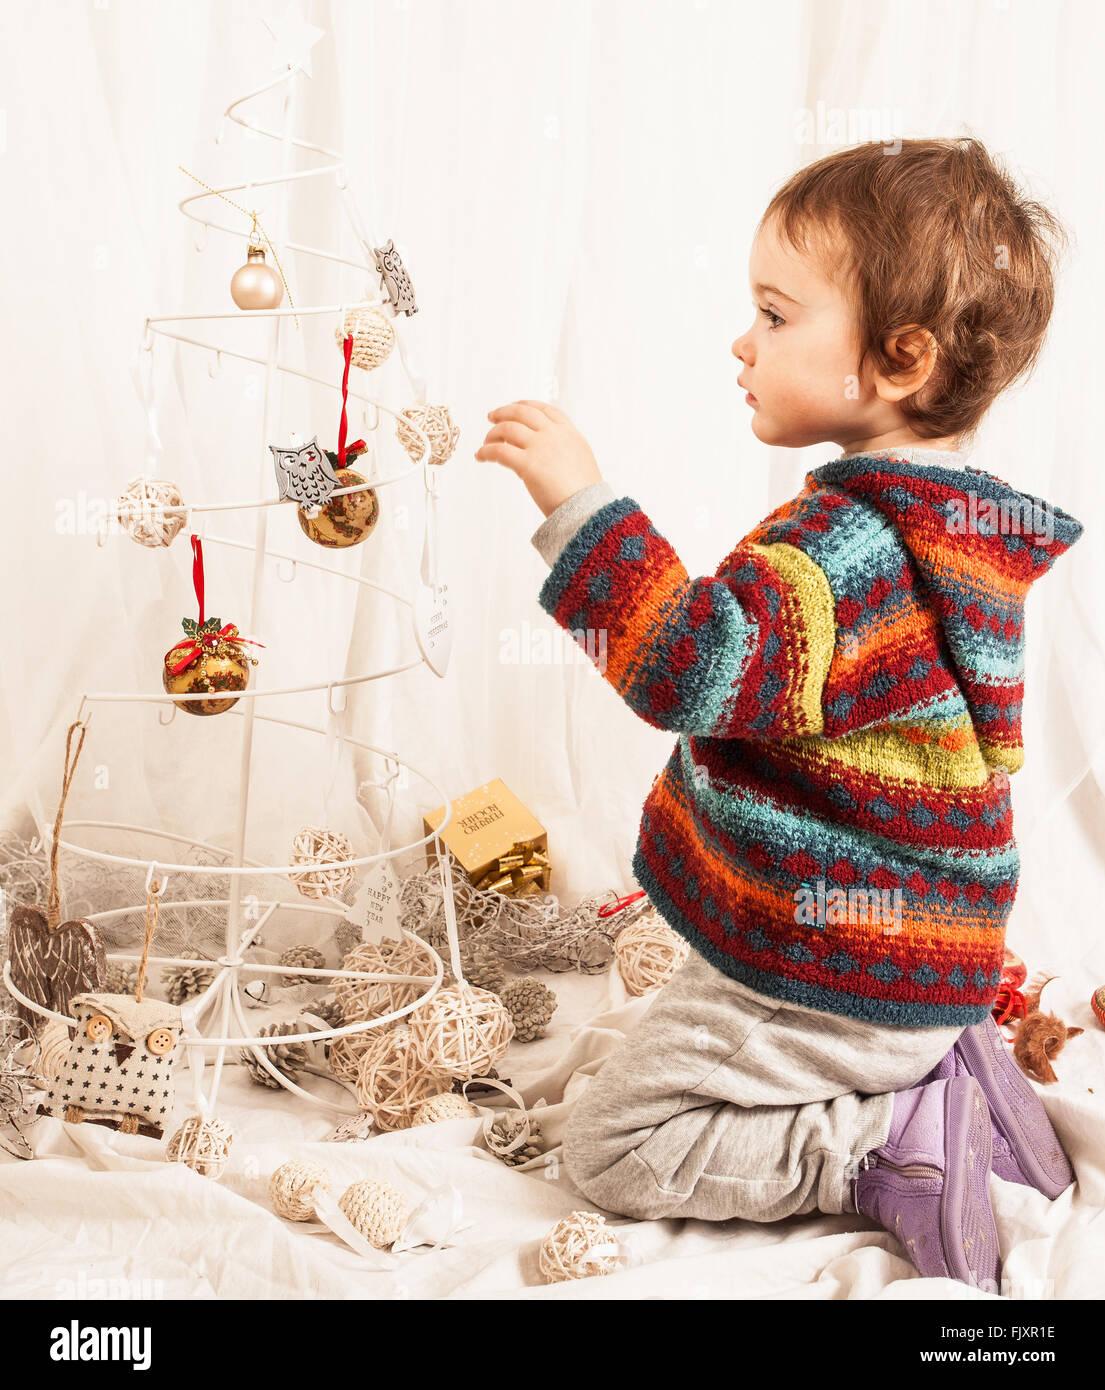 Jungen spielen mit Weihnachtsdekoration auf Bett zu Hause Stockbild